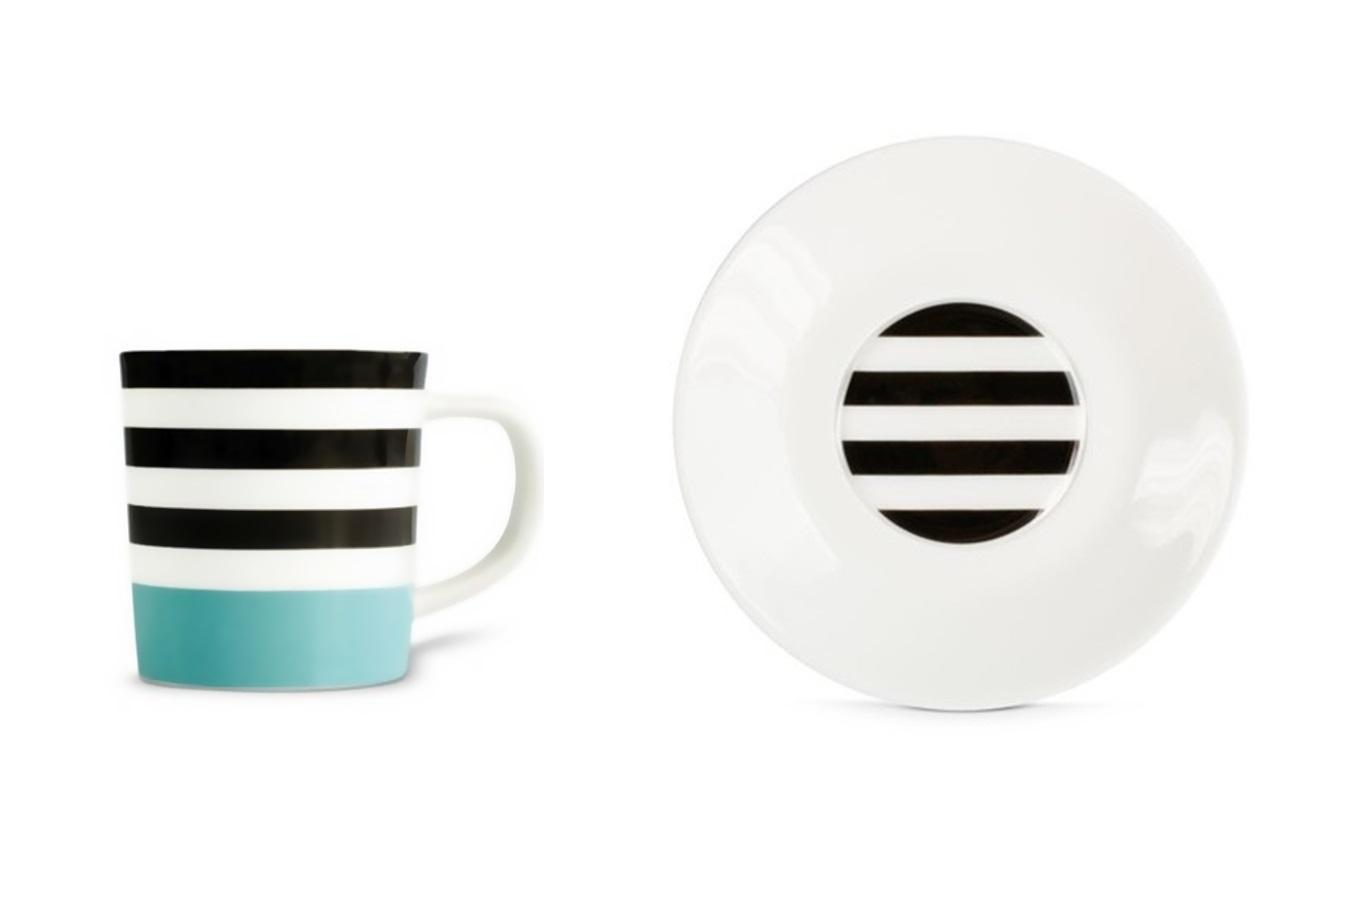 Чашка для эспрессо с блюдцем Black linesЧайные пары и чашки<br>Набор из чашки для эспрессо с блюдцем в подарочной коробке. Элегантная форма и яркие цвета добавят хорошего настроения всем любителям кофе. Отличный подарок для себя или знакомых.&amp;amp;nbsp;&amp;lt;div&amp;gt;&amp;lt;br&amp;gt;&amp;lt;/div&amp;gt;&amp;lt;div&amp;gt;Объём 75 мл.&amp;lt;/div&amp;gt;<br><br>Material: Фарфор<br>Height см: 9,2<br>Diameter см: 12,2